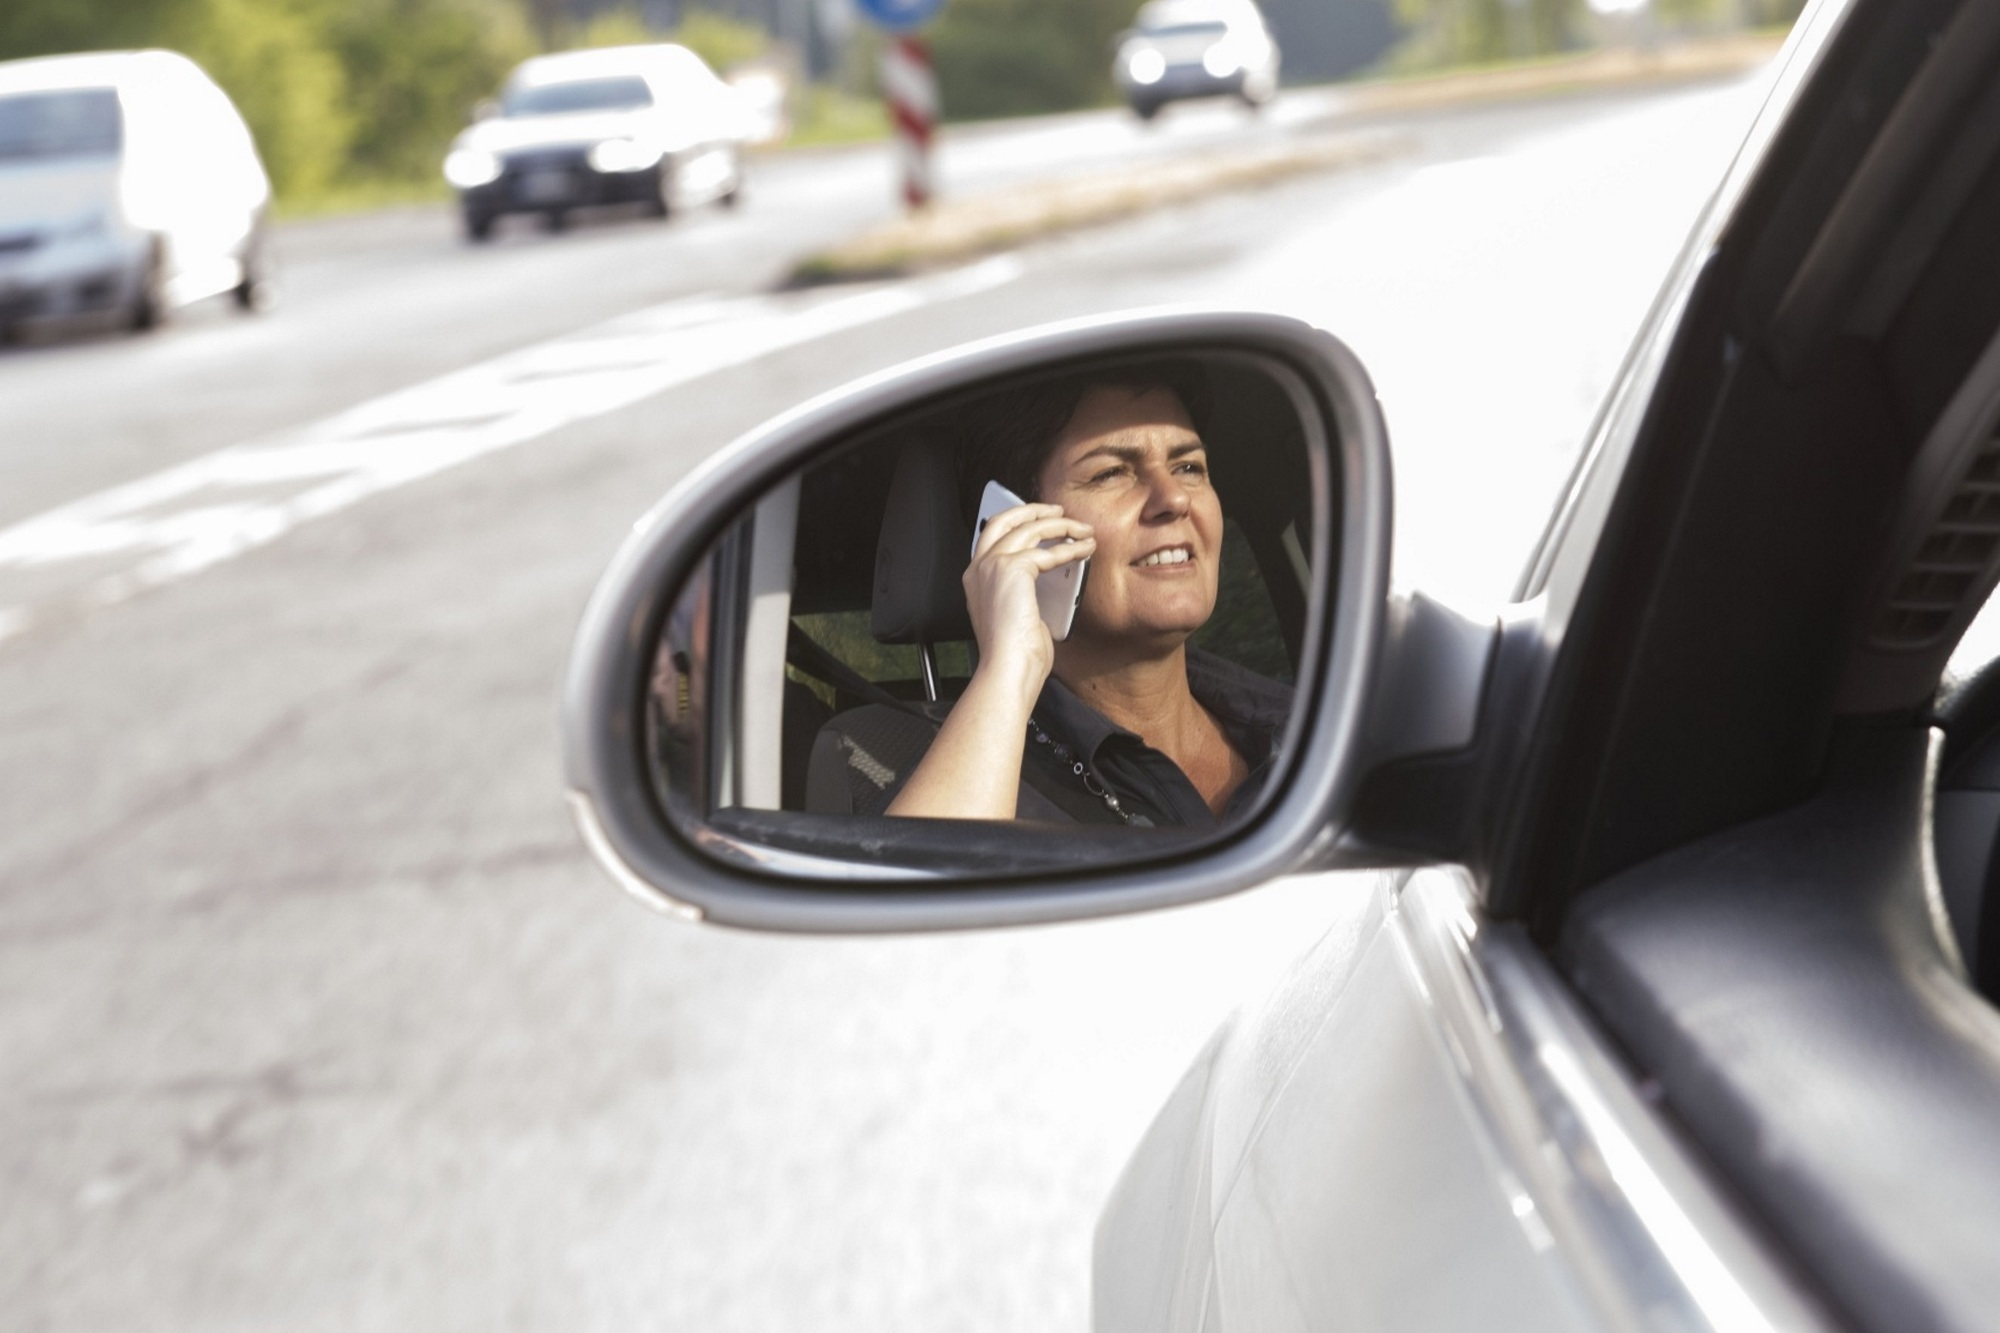 Recht: Handy am Steuer - Fahrlehrer darf während der Fahrstunde telefonieren